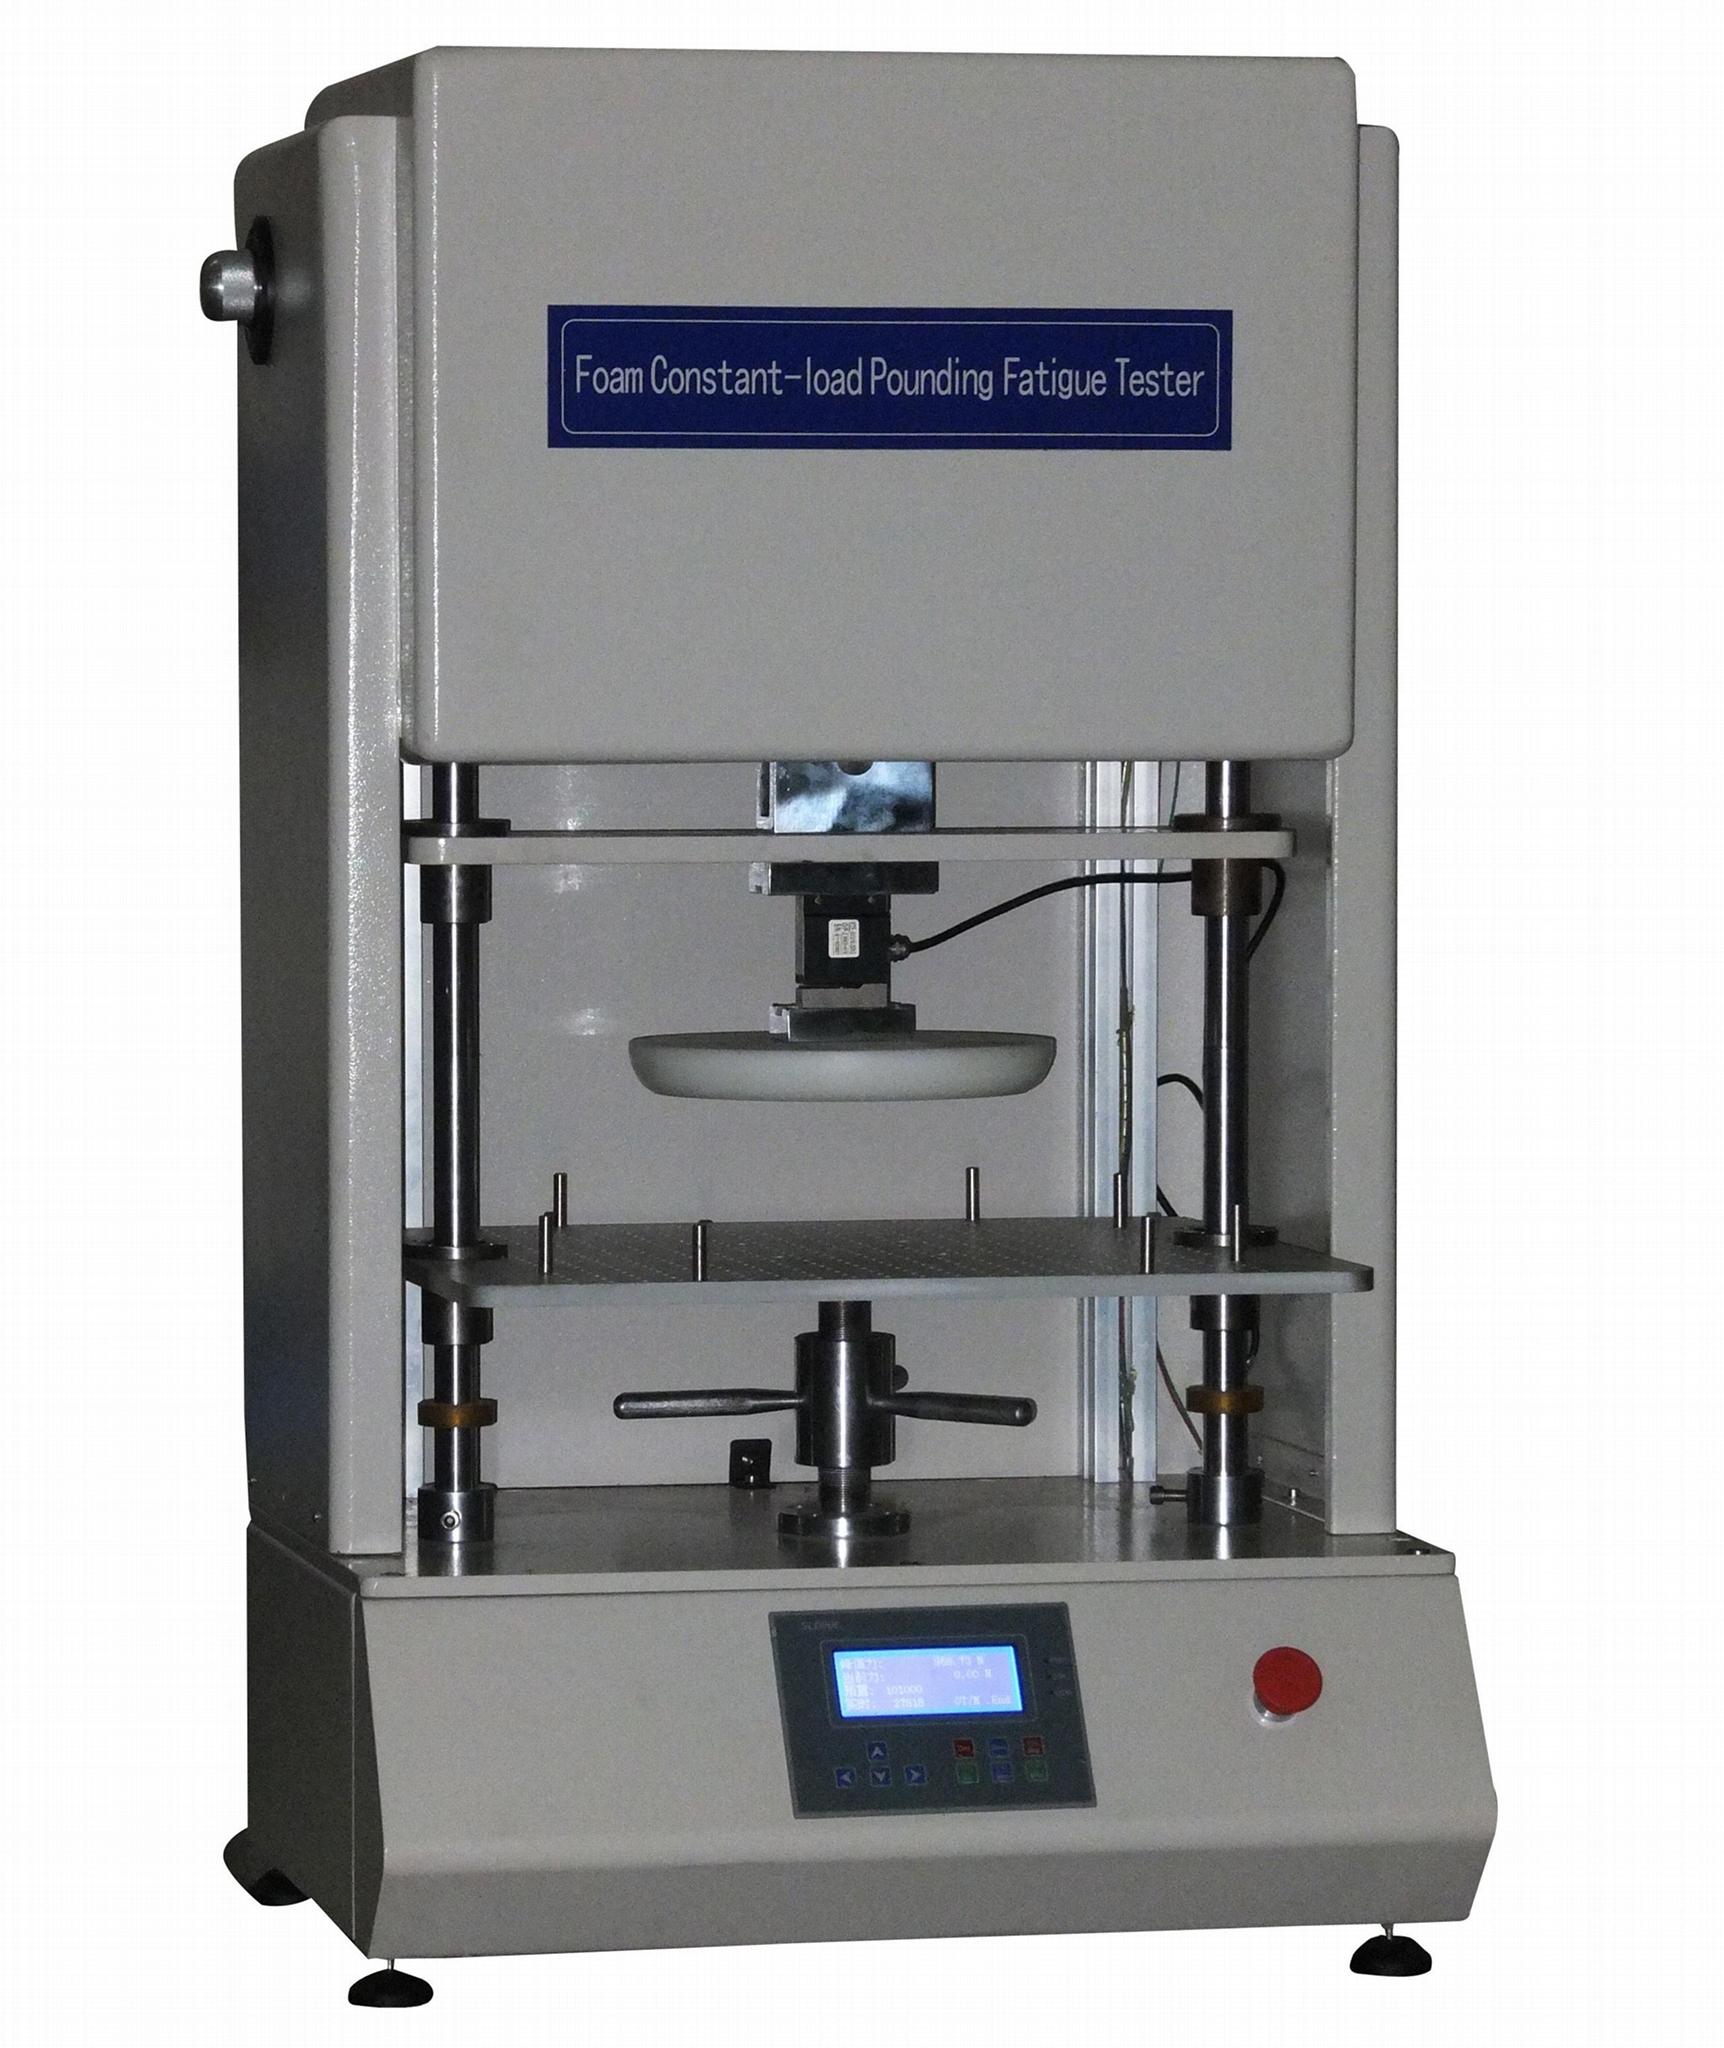 海绵棉反复压缩疲劳试验机,定负荷冲击疲劳测试仪专业泡棉检测仪 1